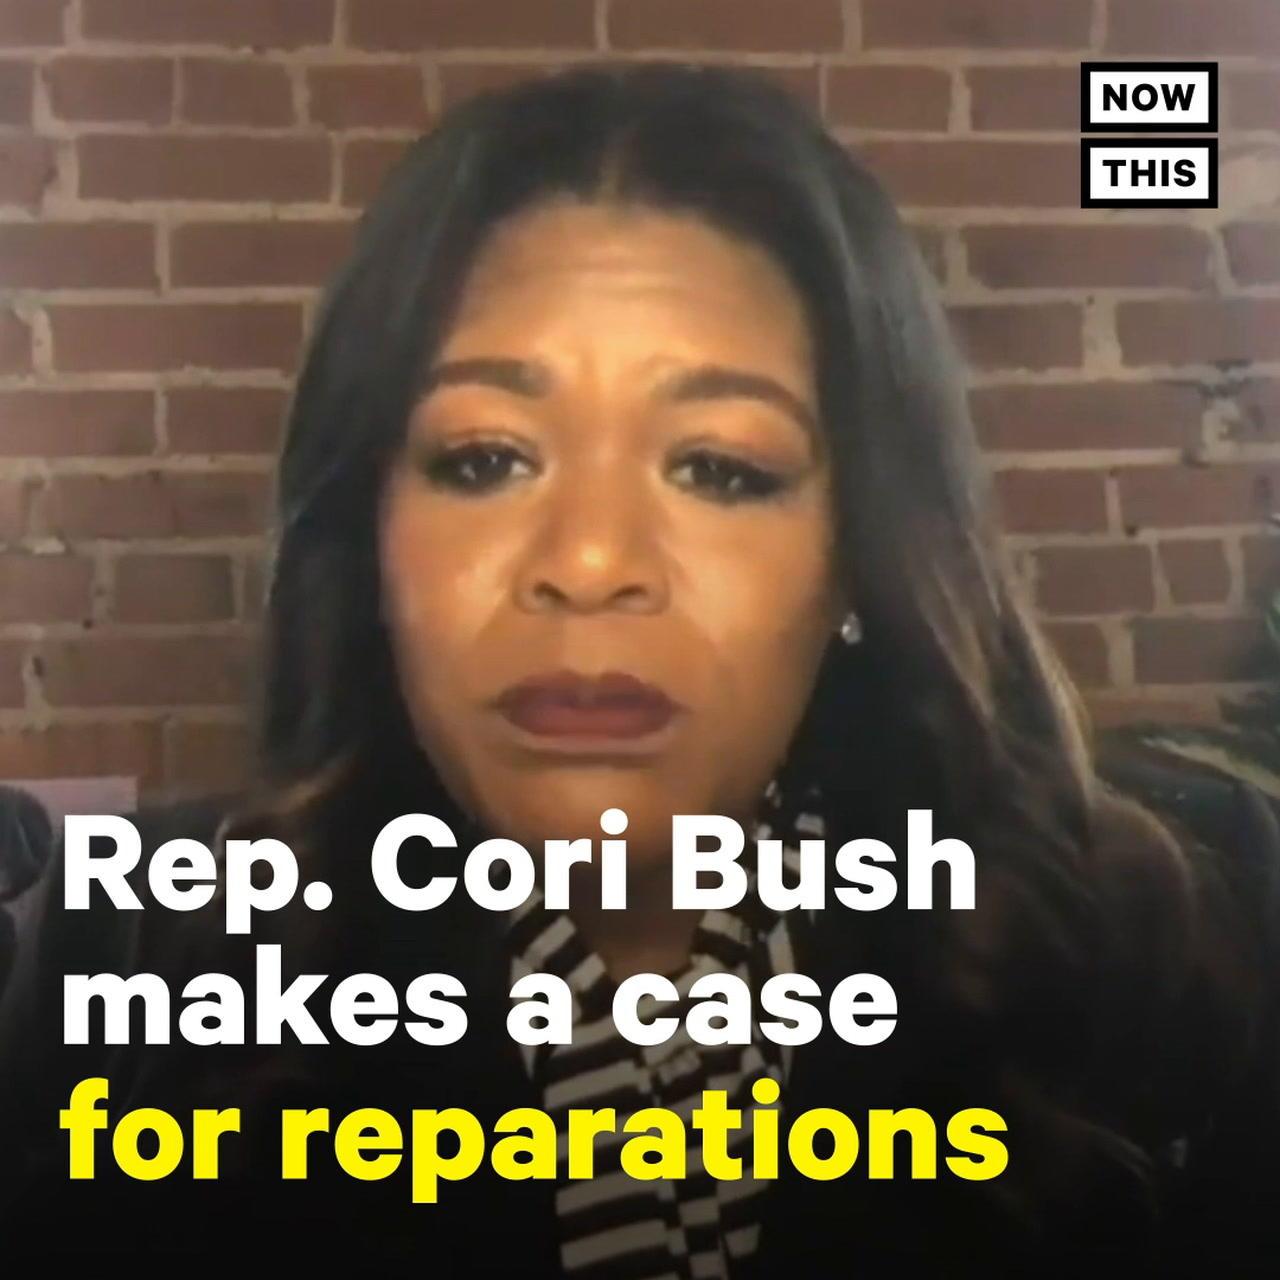 Rep. Cori Bush Makes Case For Reparations